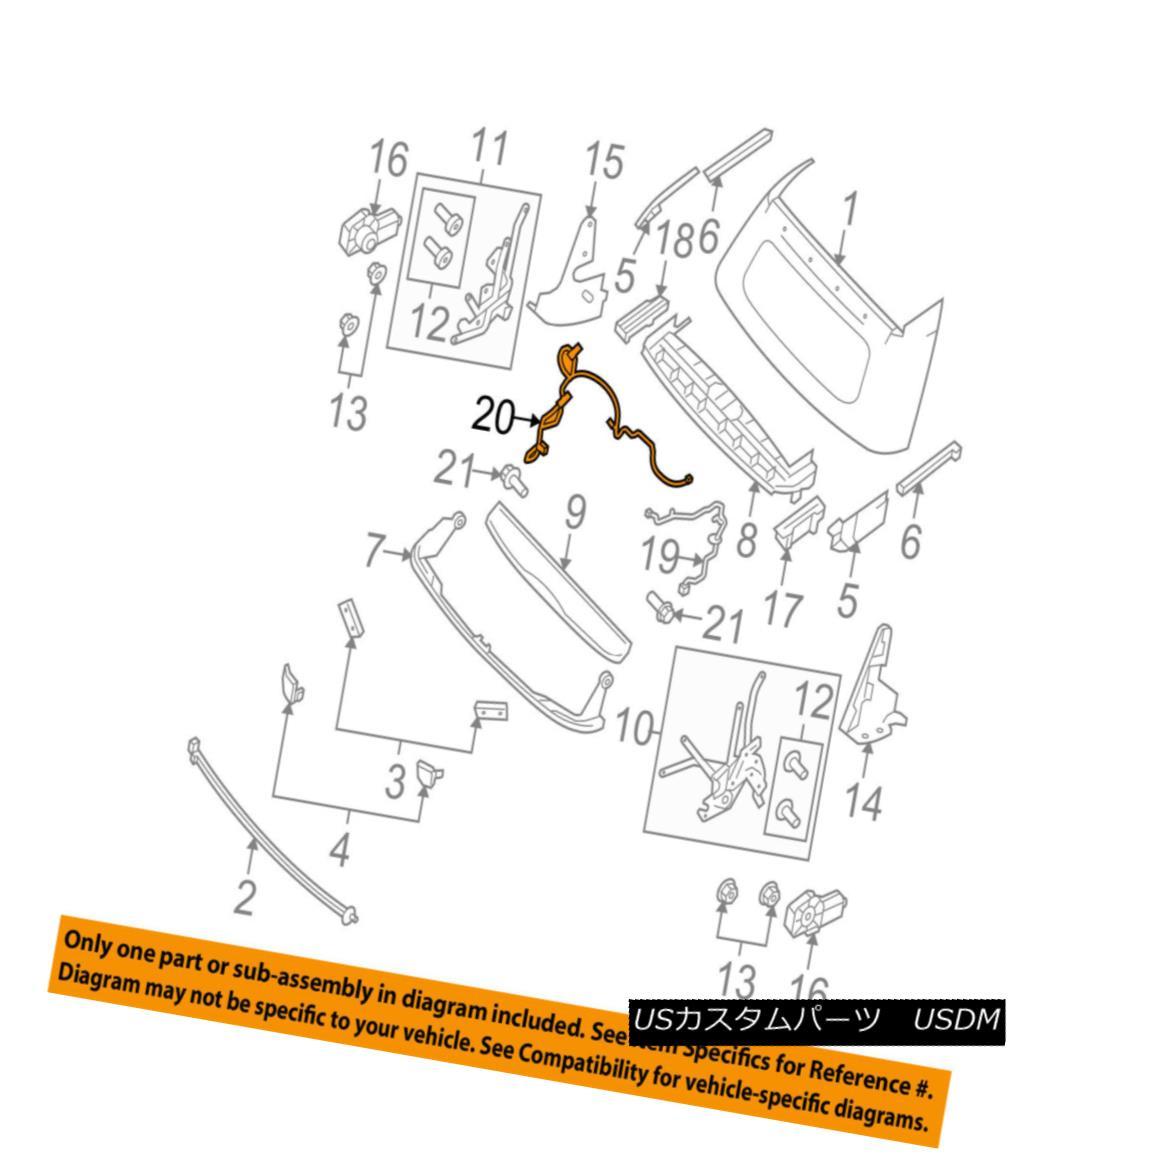 幌・ソフトトップ SMART OEM 08-16 Fortwo Convertible/soft Top-Wire Harness Left 4518200104 スマートOEM 08-16 Fortwo Convertible / so ftトップワイヤハーネス左4518200104